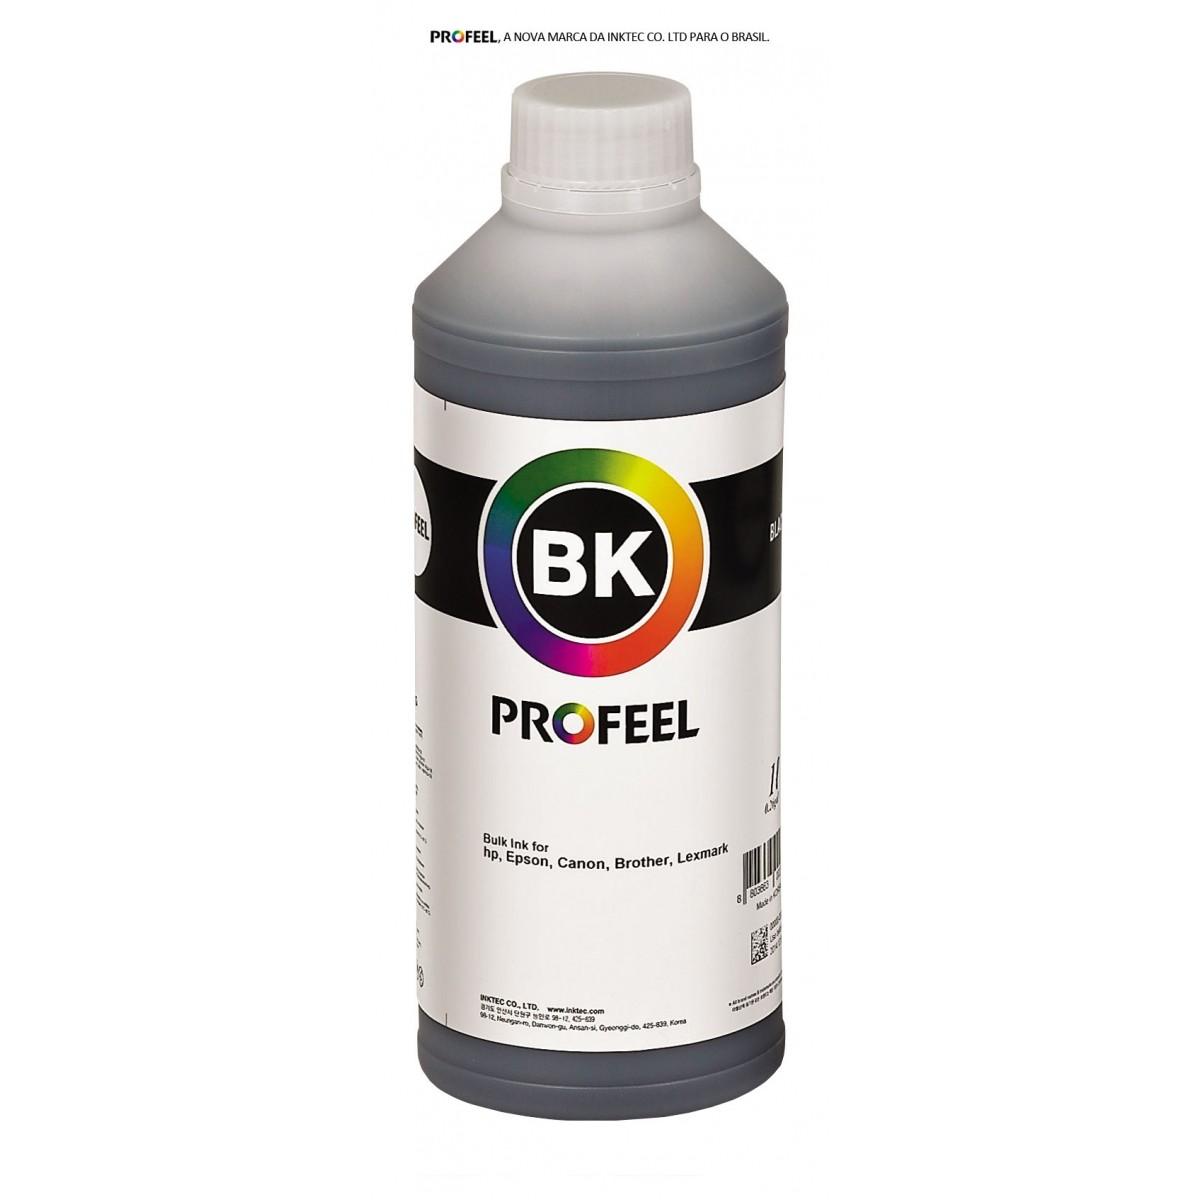 Tinta pigmentada InkTec Profeel modelo H8940-01LB | Frasco de 1 litro | Cor : Preta